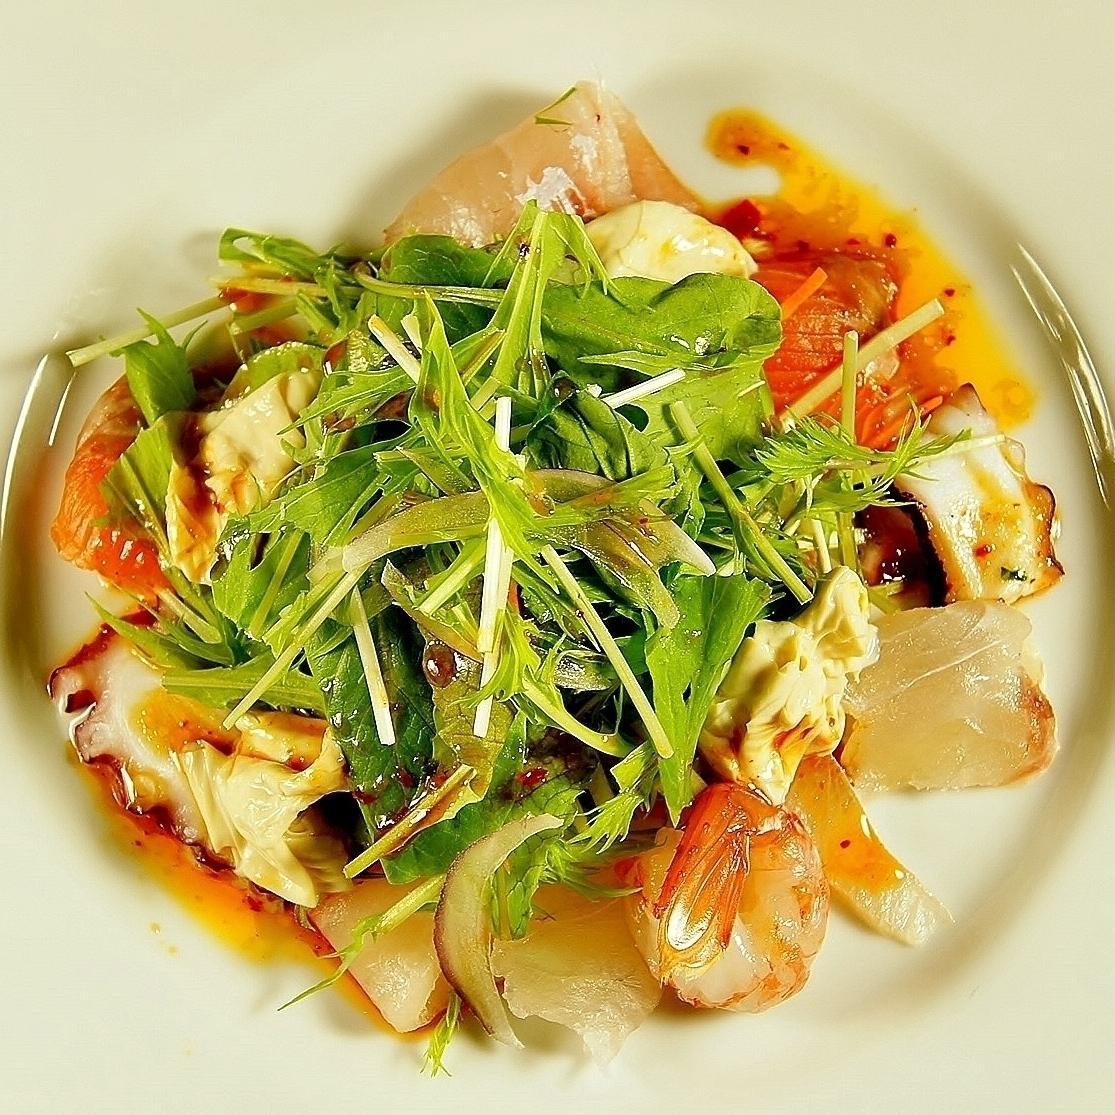 浴霸海鲜沙拉